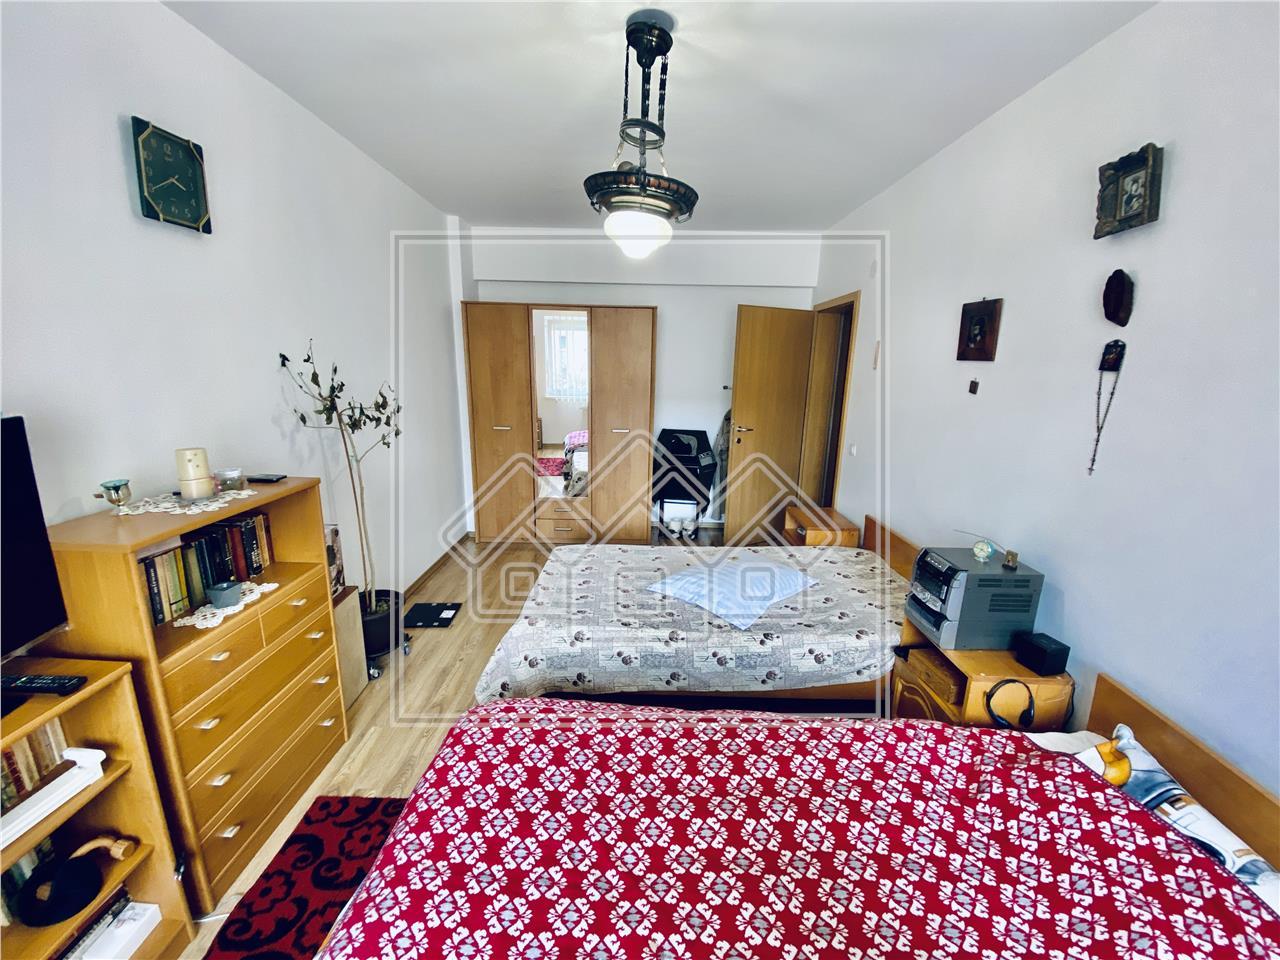 Apartament de vanzare in Sibiu -3 camere cu balcon- Rahovei